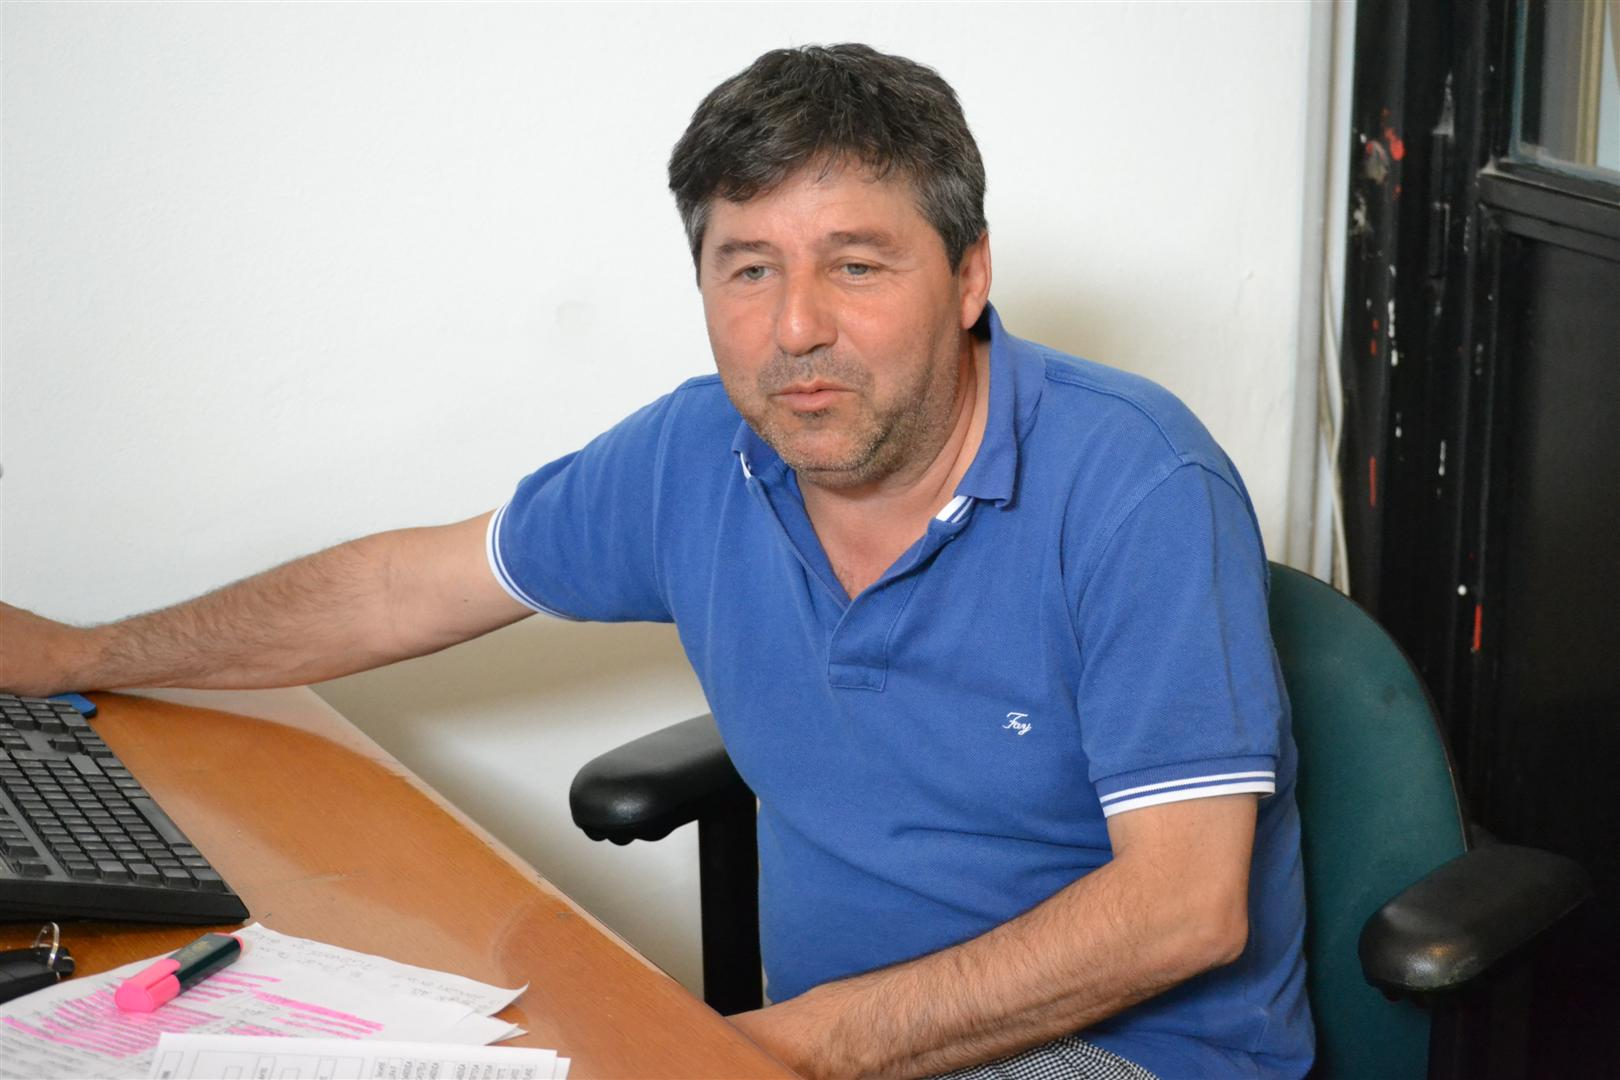 DG Dell'Uomo